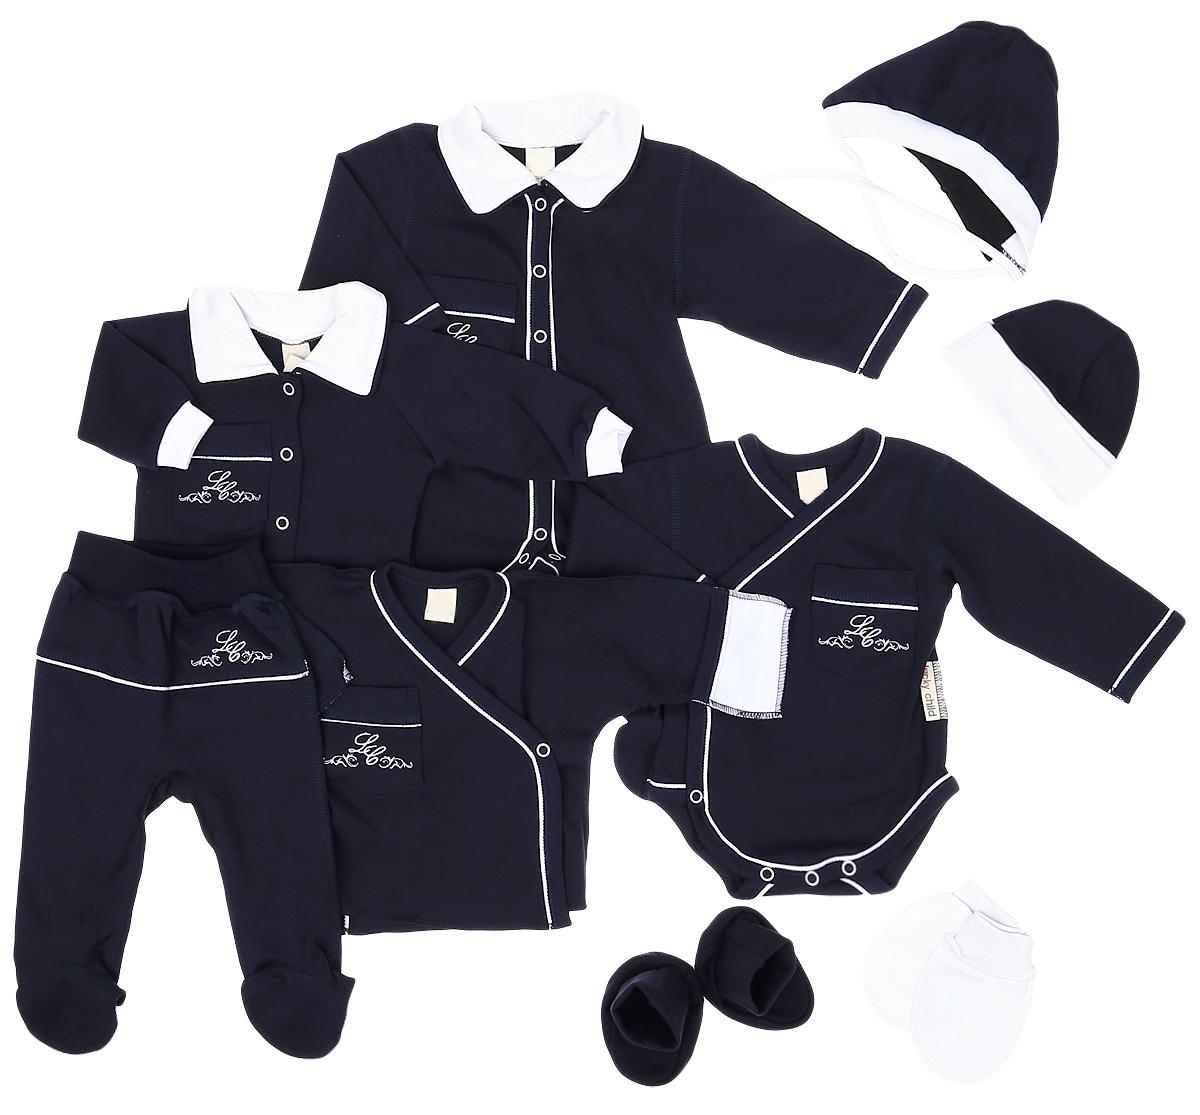 Подарочный комплект для новорожденного Lucky Child Классик, 9 предметов, цвет: темно-синий. 20-1000. Размер 56/6220-1000Комплект для новорожденного Lucky Child Классик - это замечательный подарок, который прекрасно подойдет для первых дней жизни младенца. Комплект состоит из комбинезона, боди-кимоно, распашонки-кимоно, кофточки, ползунков, шапочки, чепчика, рукавичек и пинеток. Изготовленный из натурального хлопка, он необычайно мягкий и приятный на ощупь, не сковывает движения ребенка и позволяет коже дышать, не раздражает даже самую нежную и чувствительную кожу ребенка, обеспечивая ему наибольший комфорт.Комбинезон с длинными рукавами, отложным воротником контрастного цвета и закрытыми ножками имеет застежки-кнопки от горловины до пяточек, которые помогают легко переодеть младенца или сменить подгузник. На груди изделие дополнено накладным кармашком, украшенным вышивкой. Швы выполнены наружу.Удобное боди-кимоно с длинными рукавами и V-образным вырезом горловины имеет удобные застежки-кнопки по принципу кимоно, а также кнопки на ластовице, которые помогают легко переодеть младенца и сменить подгузник. На груди изделие дополнено накладным кармашком, украшенным вышивкой. Швы выполнены наружу. Распашонка-кимоно с V-образным вырезом горловины и длинными рукавами-кимоно имеет застежки-кнопки по принципу кимоно, благодаря которым, модель можно полностью расстегнуть. А благодаря рукавичкам ребенок не поцарапает себя. Ручки могут быть как открытыми, так и закрытыми. На груди изделие дополнено накладным кармашком, украшенным вышивкой. Швы выполнены наружу.Кофточка с длинными рукавами-реглан и отложным воротником контрастного цвета спереди застегивается на металлические кнопки, что помогает с легкостью переодеть ребенка. Рукава имеют широкие эластичные манжеты. На груди изделие дополнено накладным кармашком, украшенным вышивкой. Ползунки, благодаря мягкому и широкому поясу, не сдавливают животик младенца и не сползают. Они идеально подходят для ношения с подгузником. Такие п